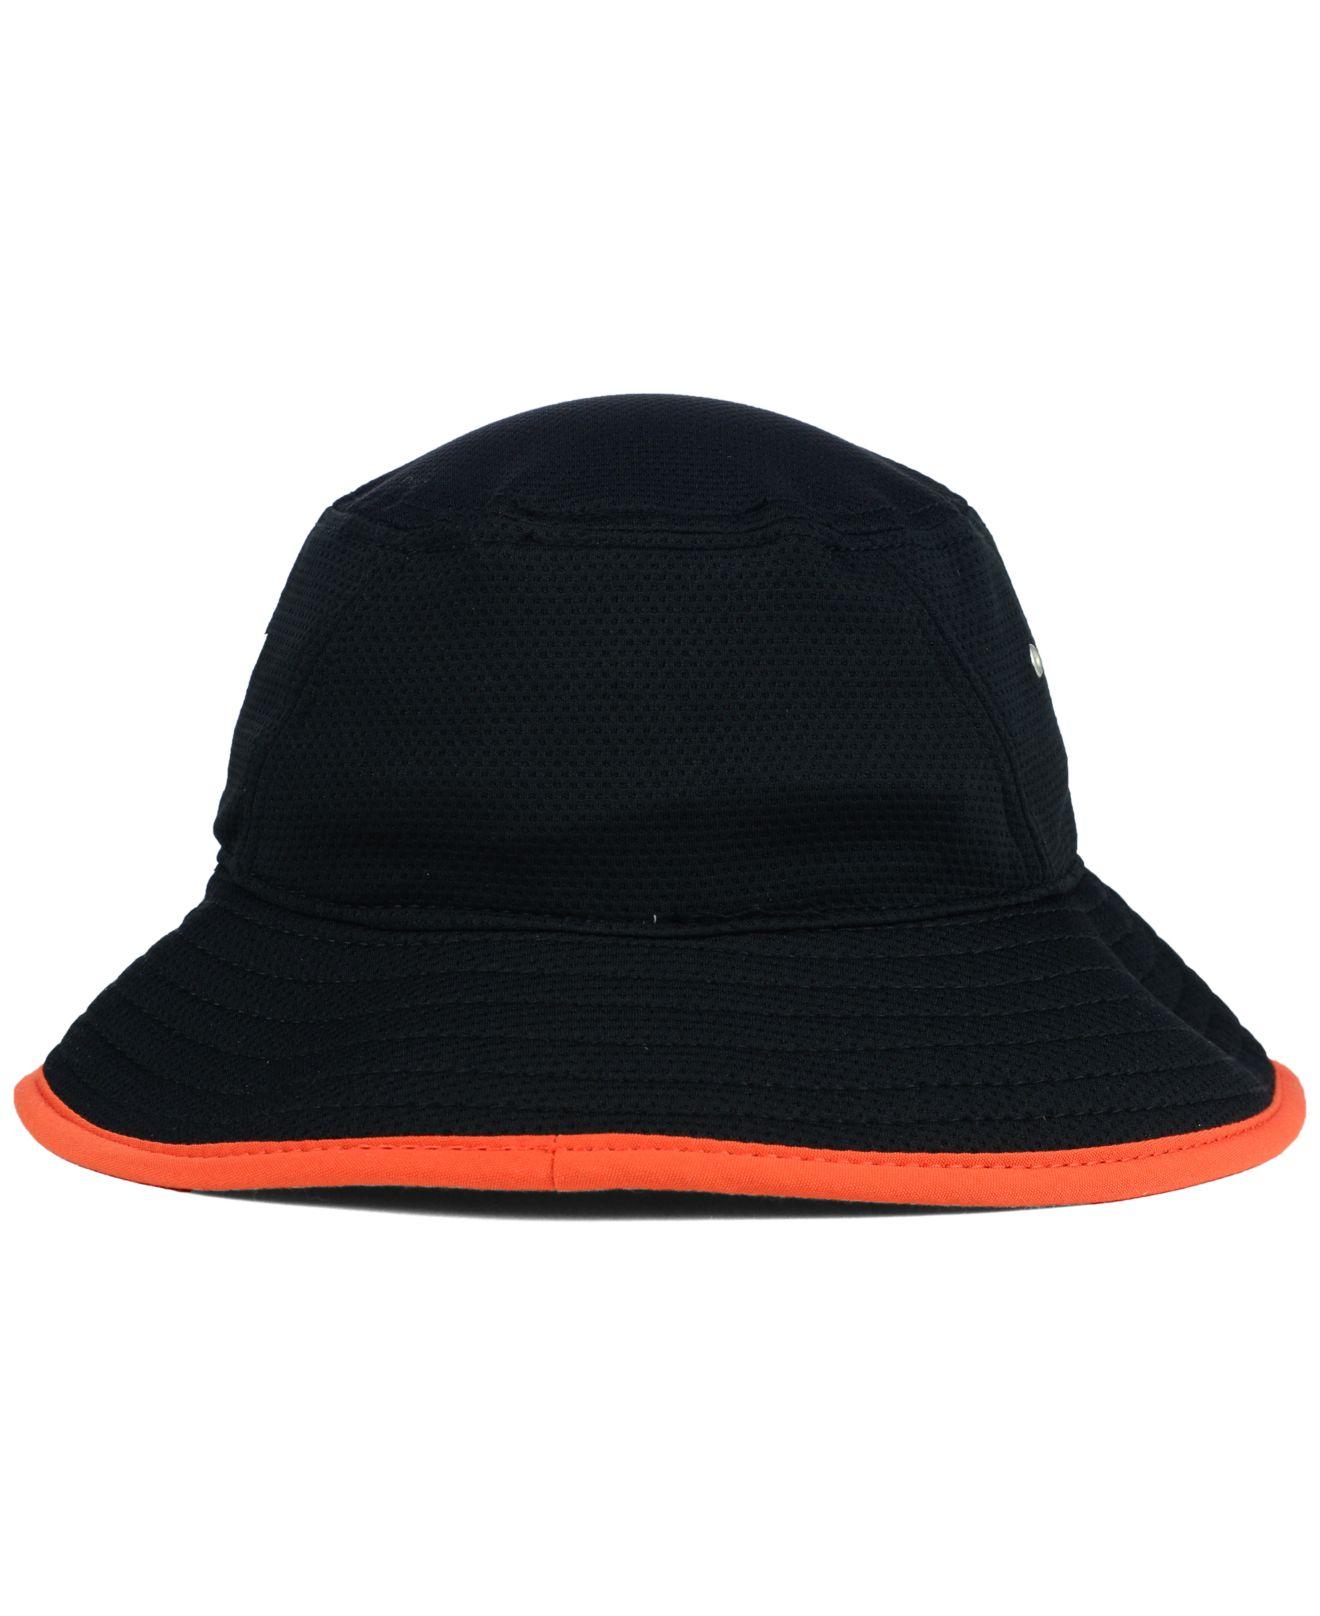 b8362ab2e25 Lyst - Ktz Chicago Bears Training Bucket Hat in Black for Men